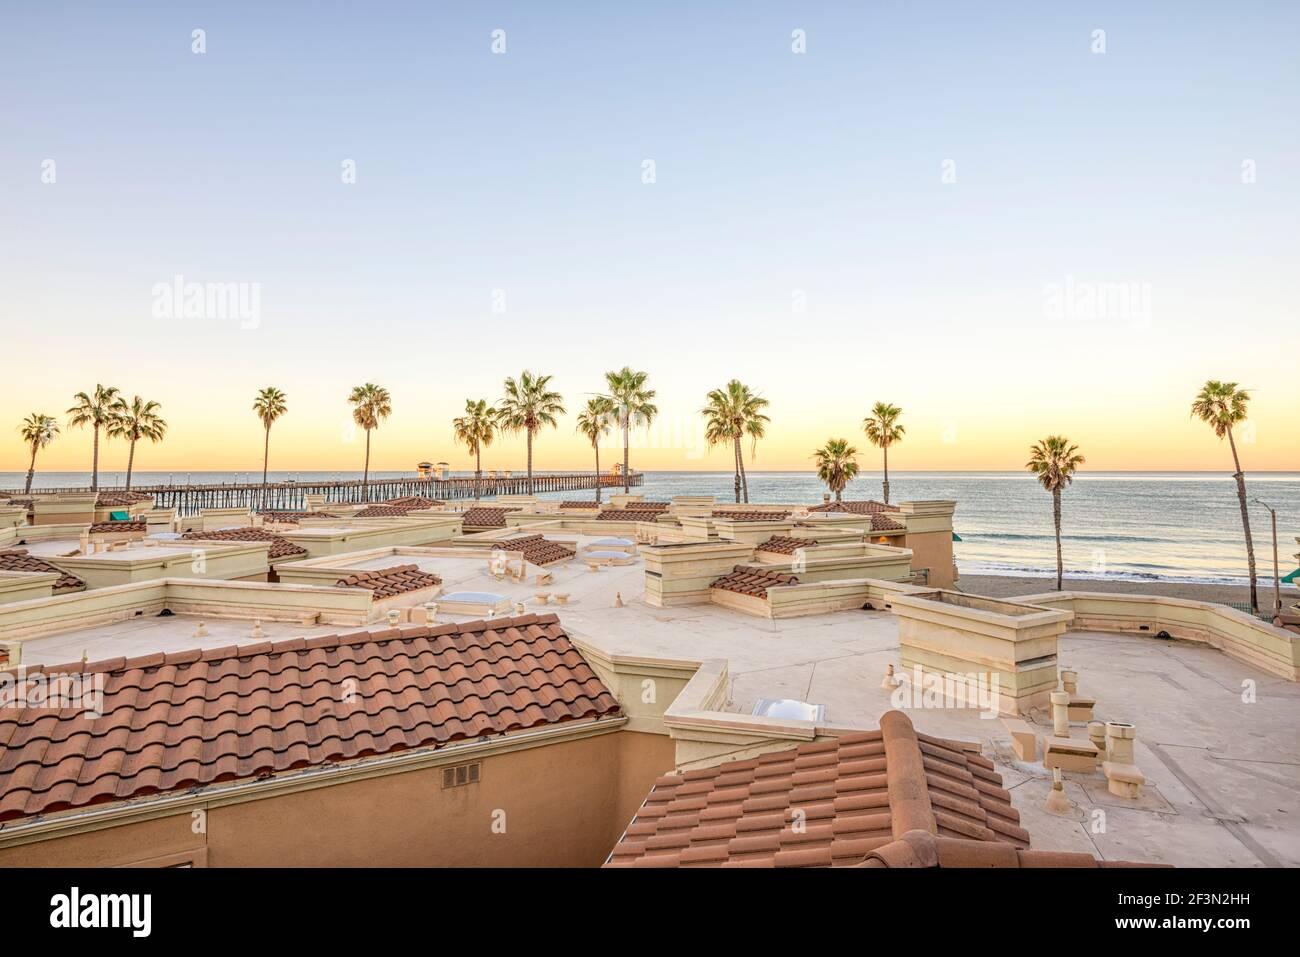 Blick auf die Küste an einem Wintermorgen. Oceanside, Kalifornien, USA. Stockfoto